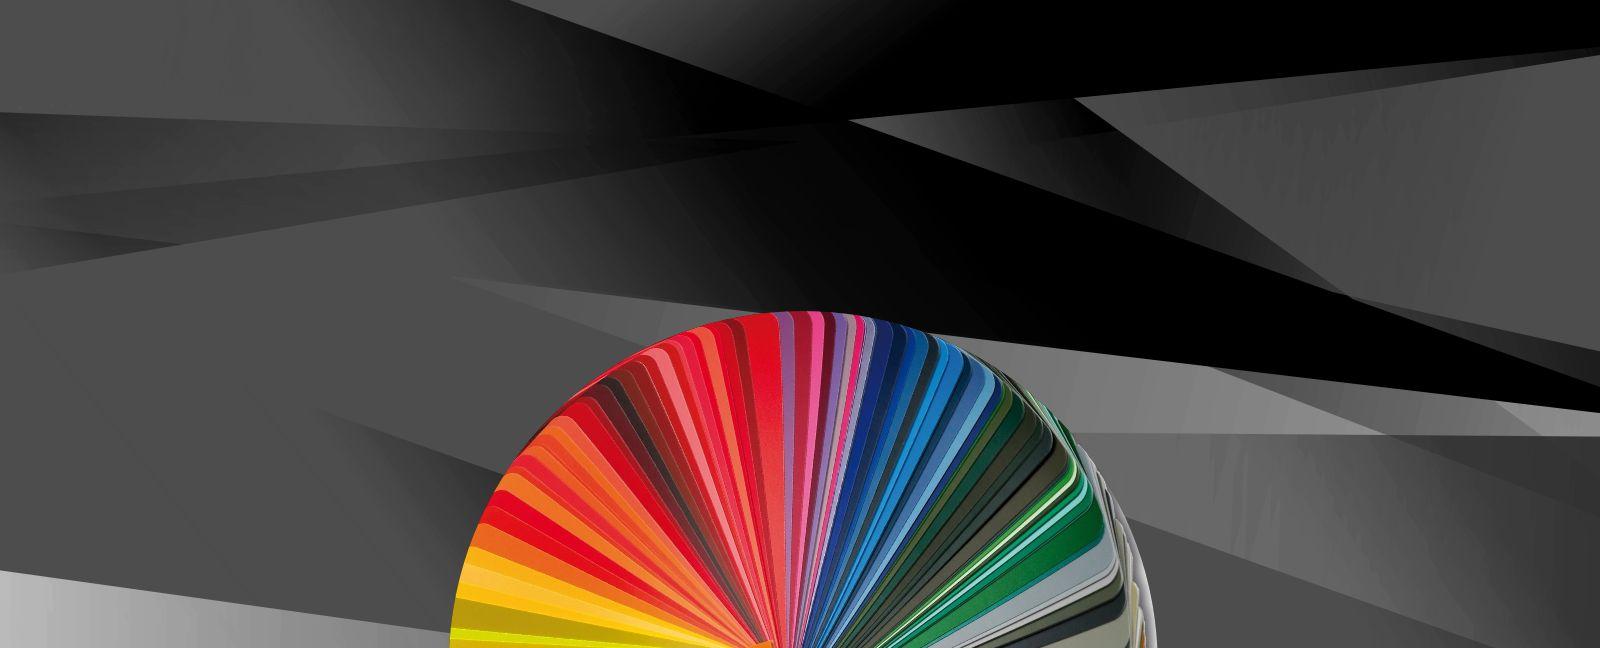 pmdesign-aufkleber-farben